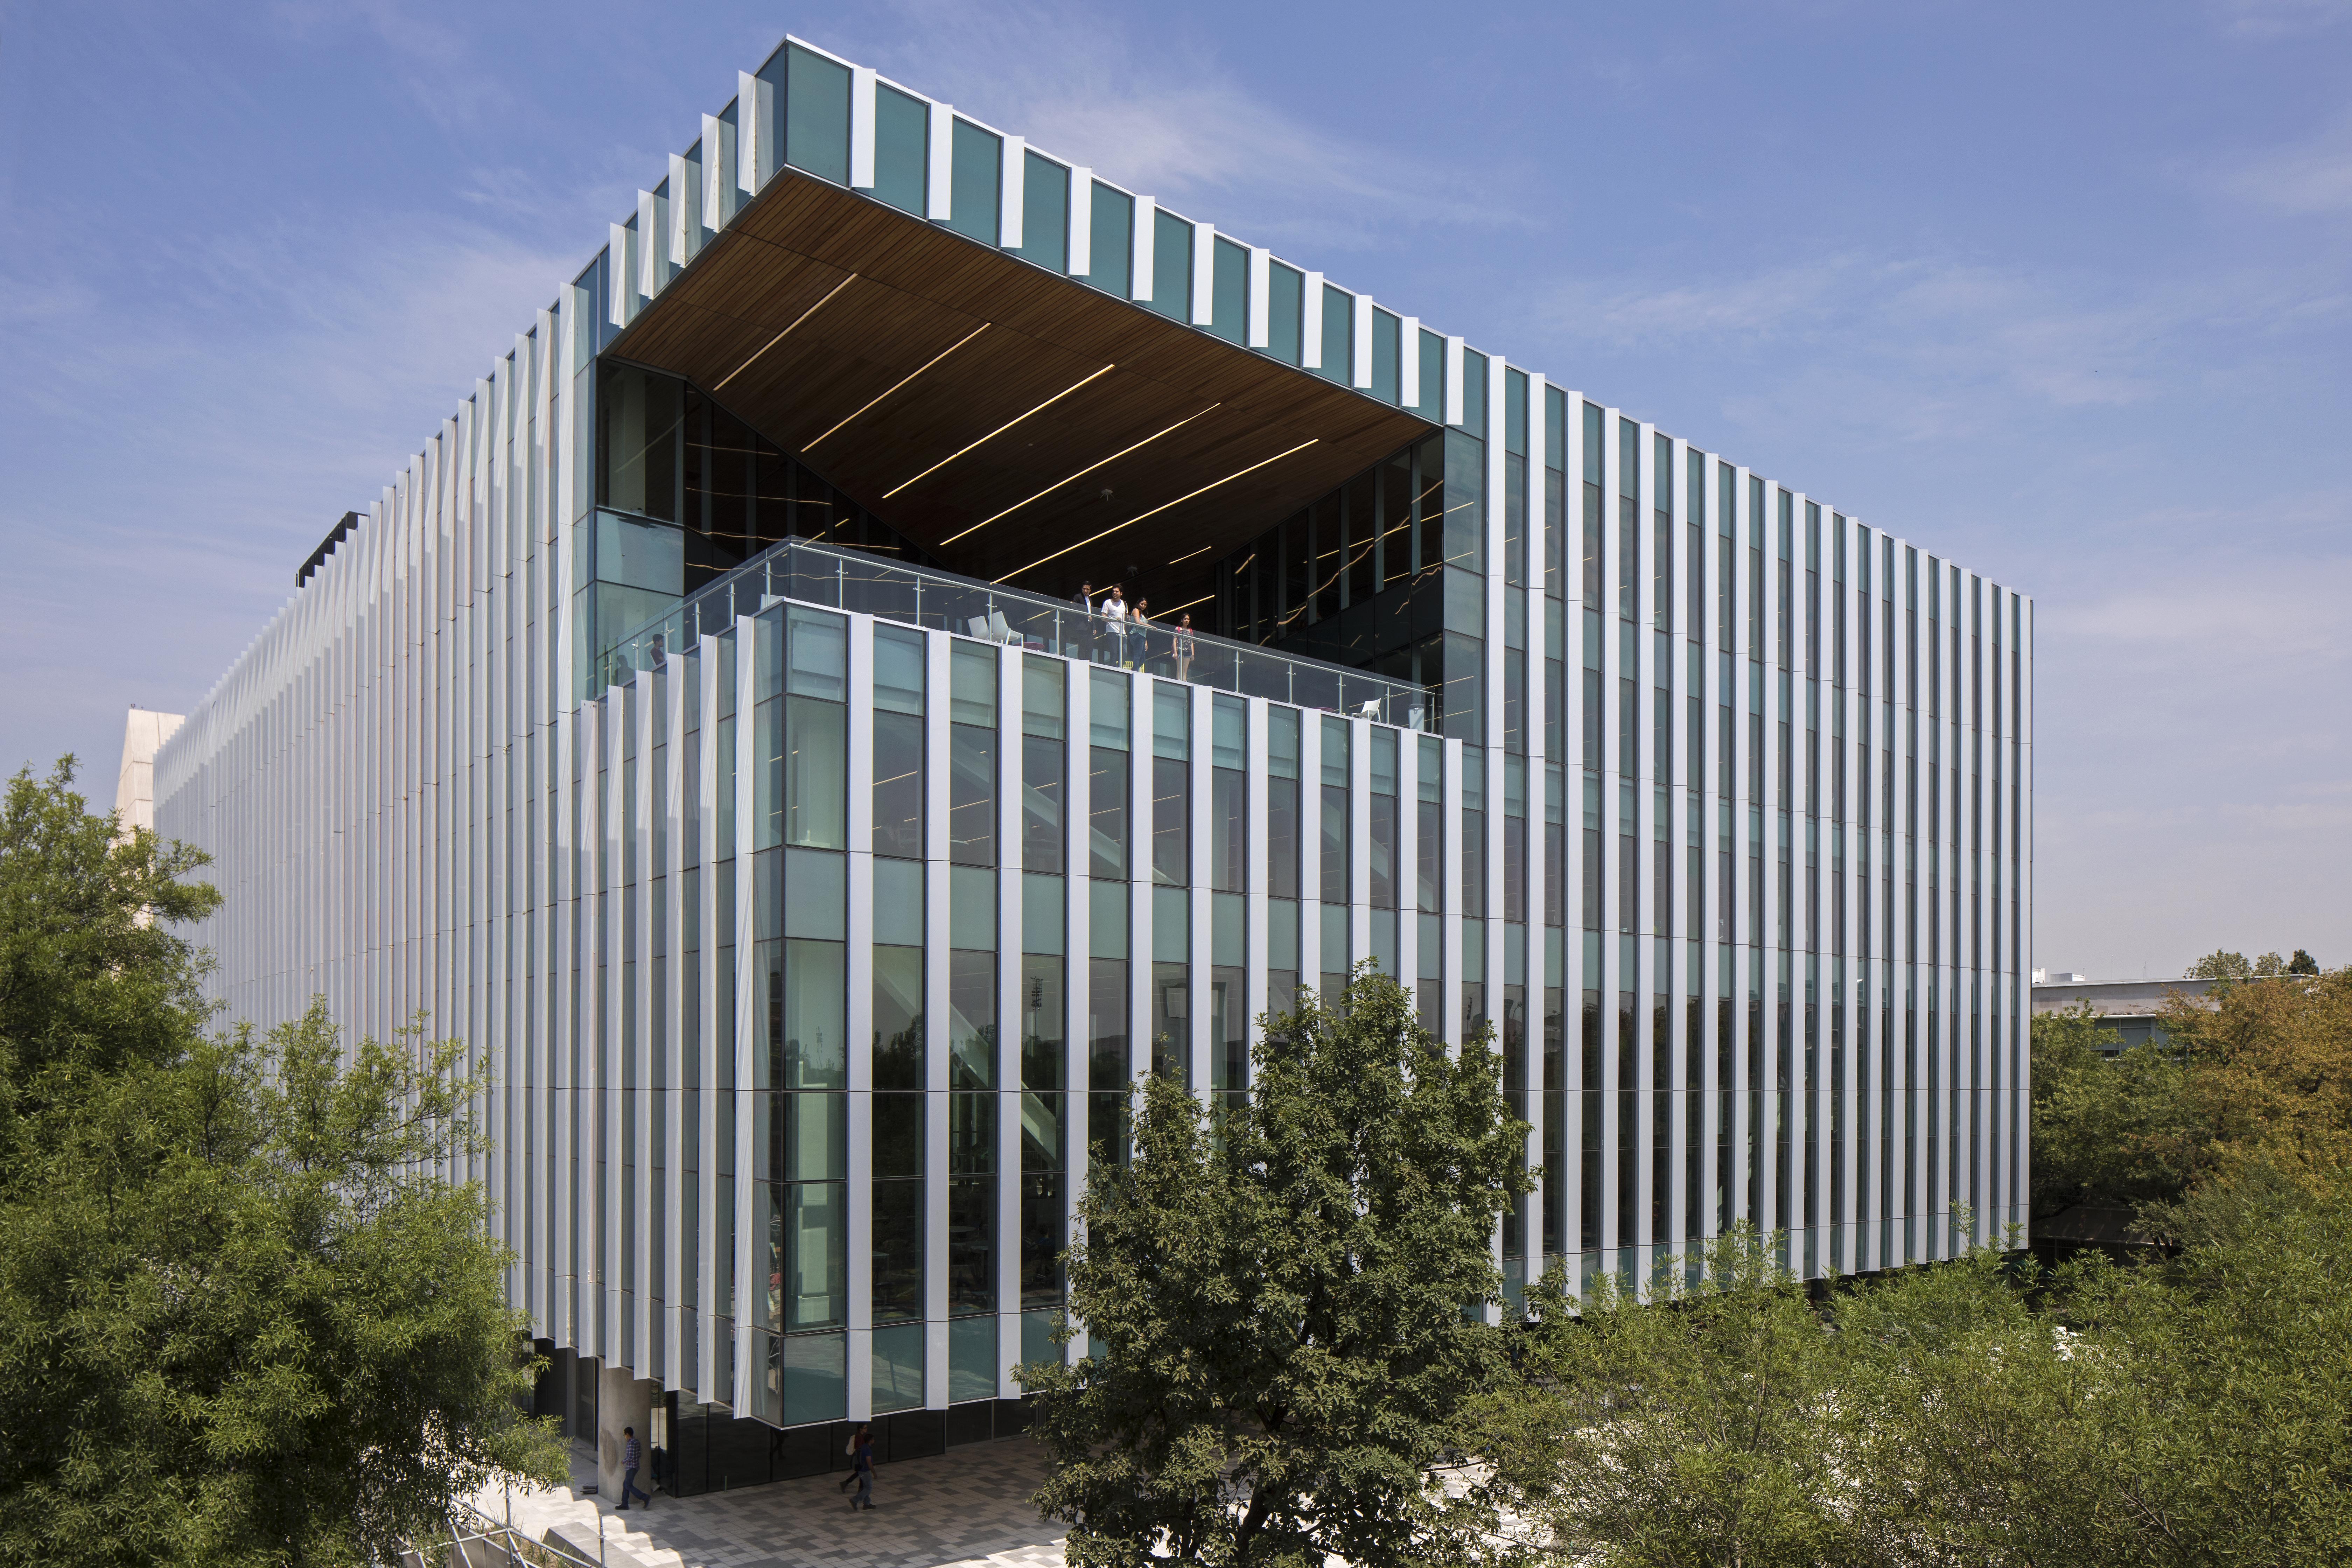 Se está trabajando en que la biblioteca obtenga la certificaciónLEED (Leadership in Energy & Environmental...